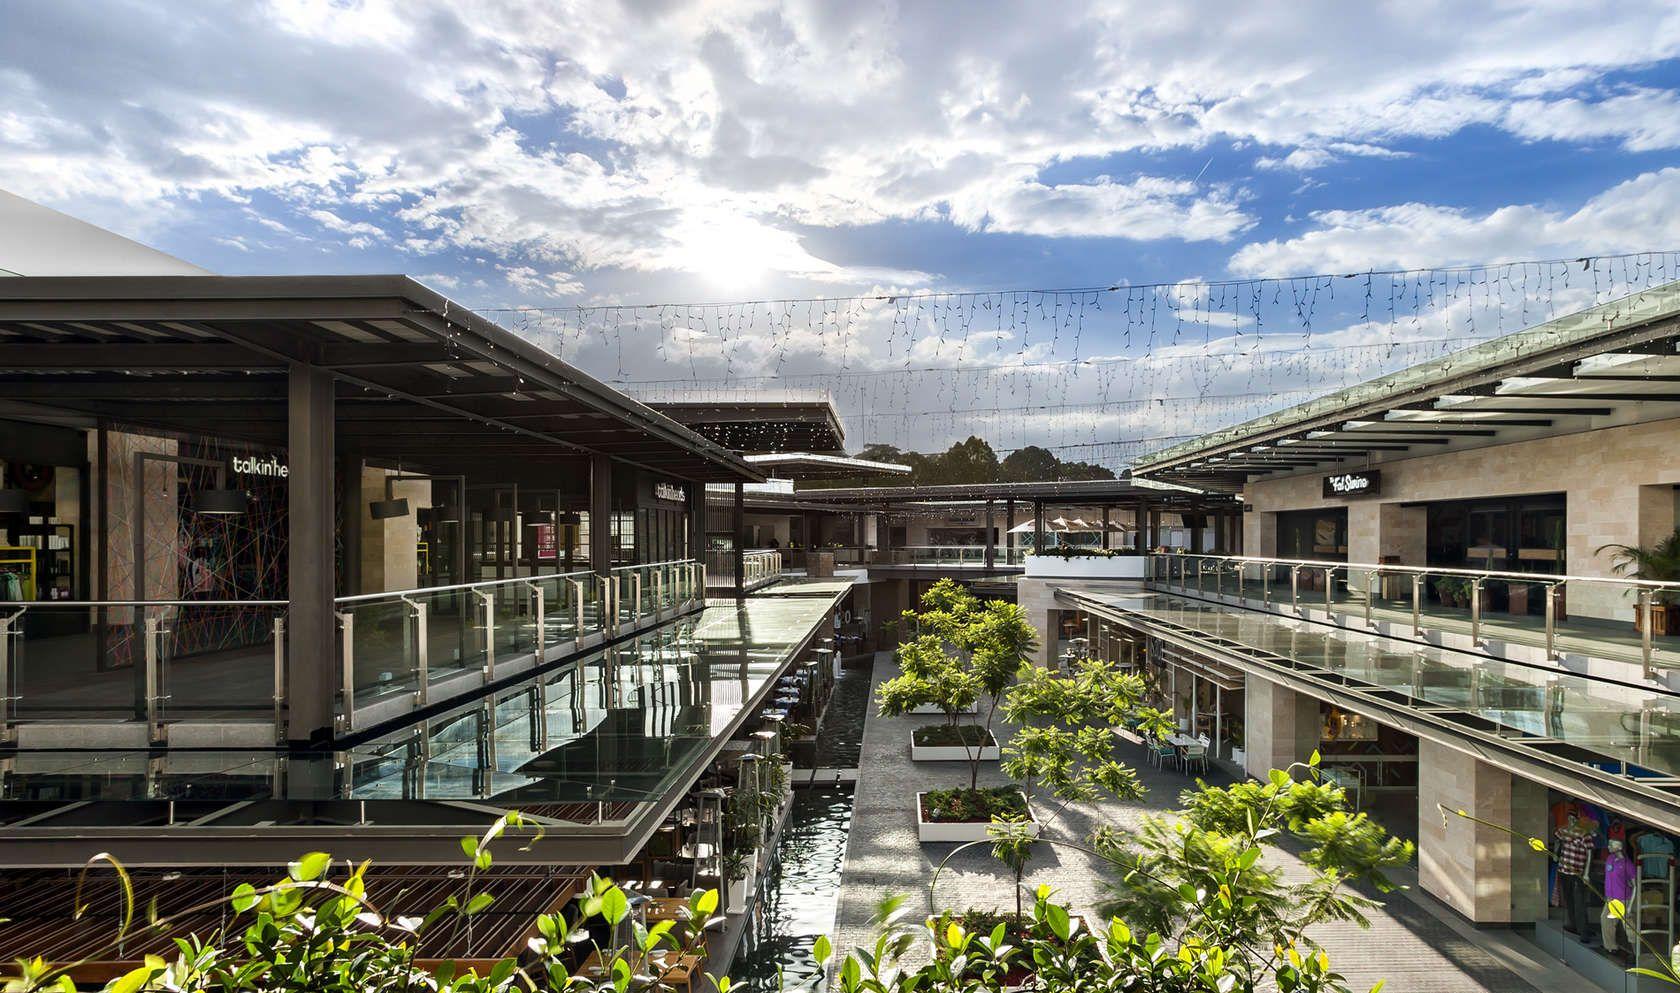 Ubicado en unas de las zonas mas activas y productivas de for Concepto de arquitectura